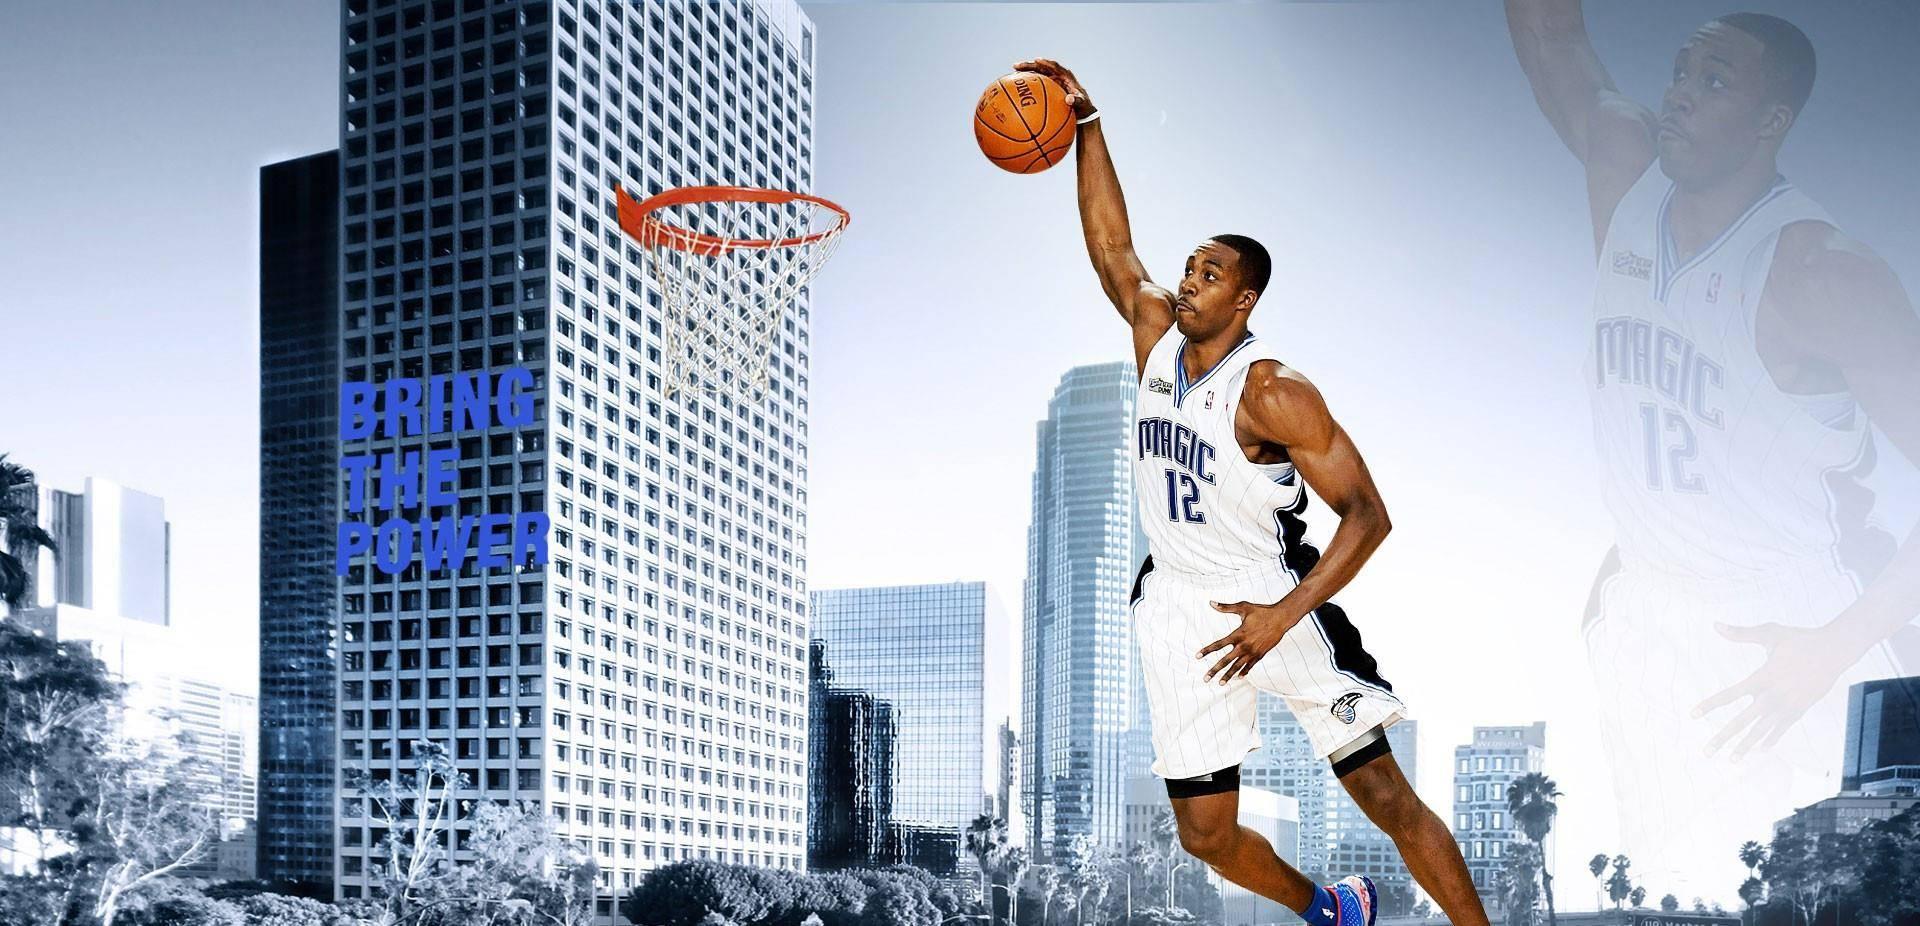 NBA历史十大中锋排名:现役一人上榜,前五谁排第一都有争议